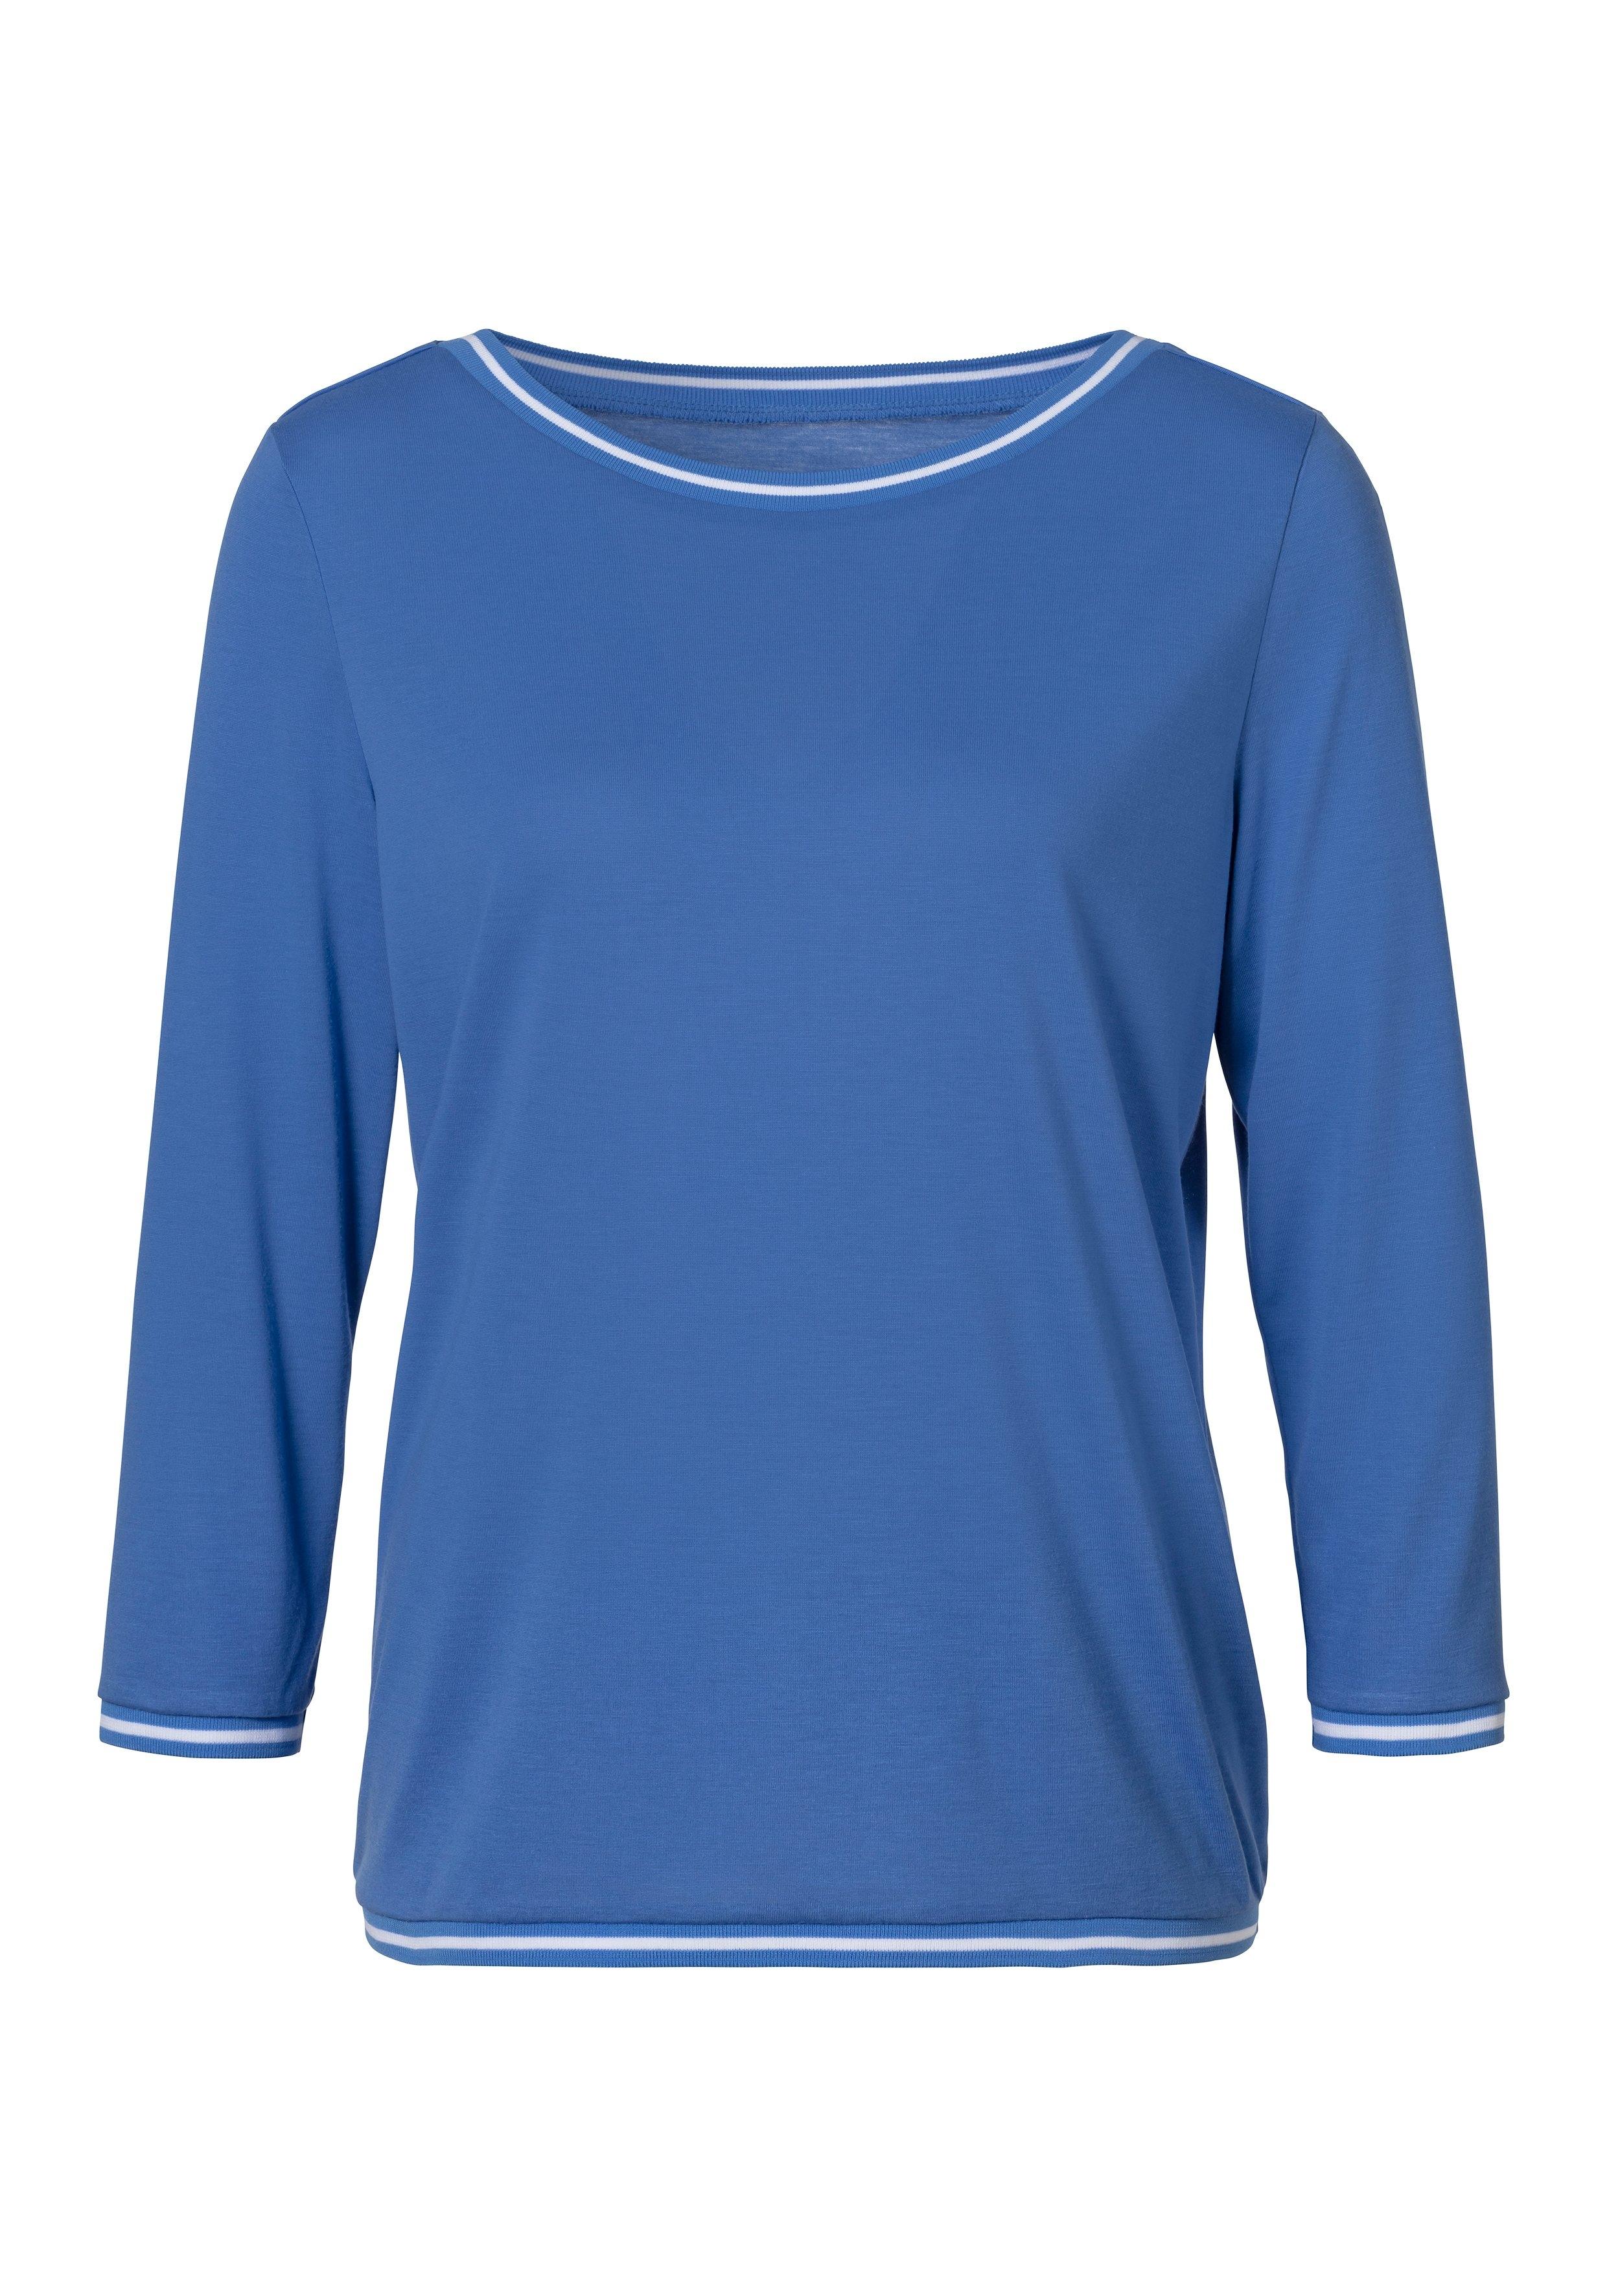 H.I.S shirt met 3/4-mouwen met hoogwaardige ribboorden goedkoop op lascana.nl kopen